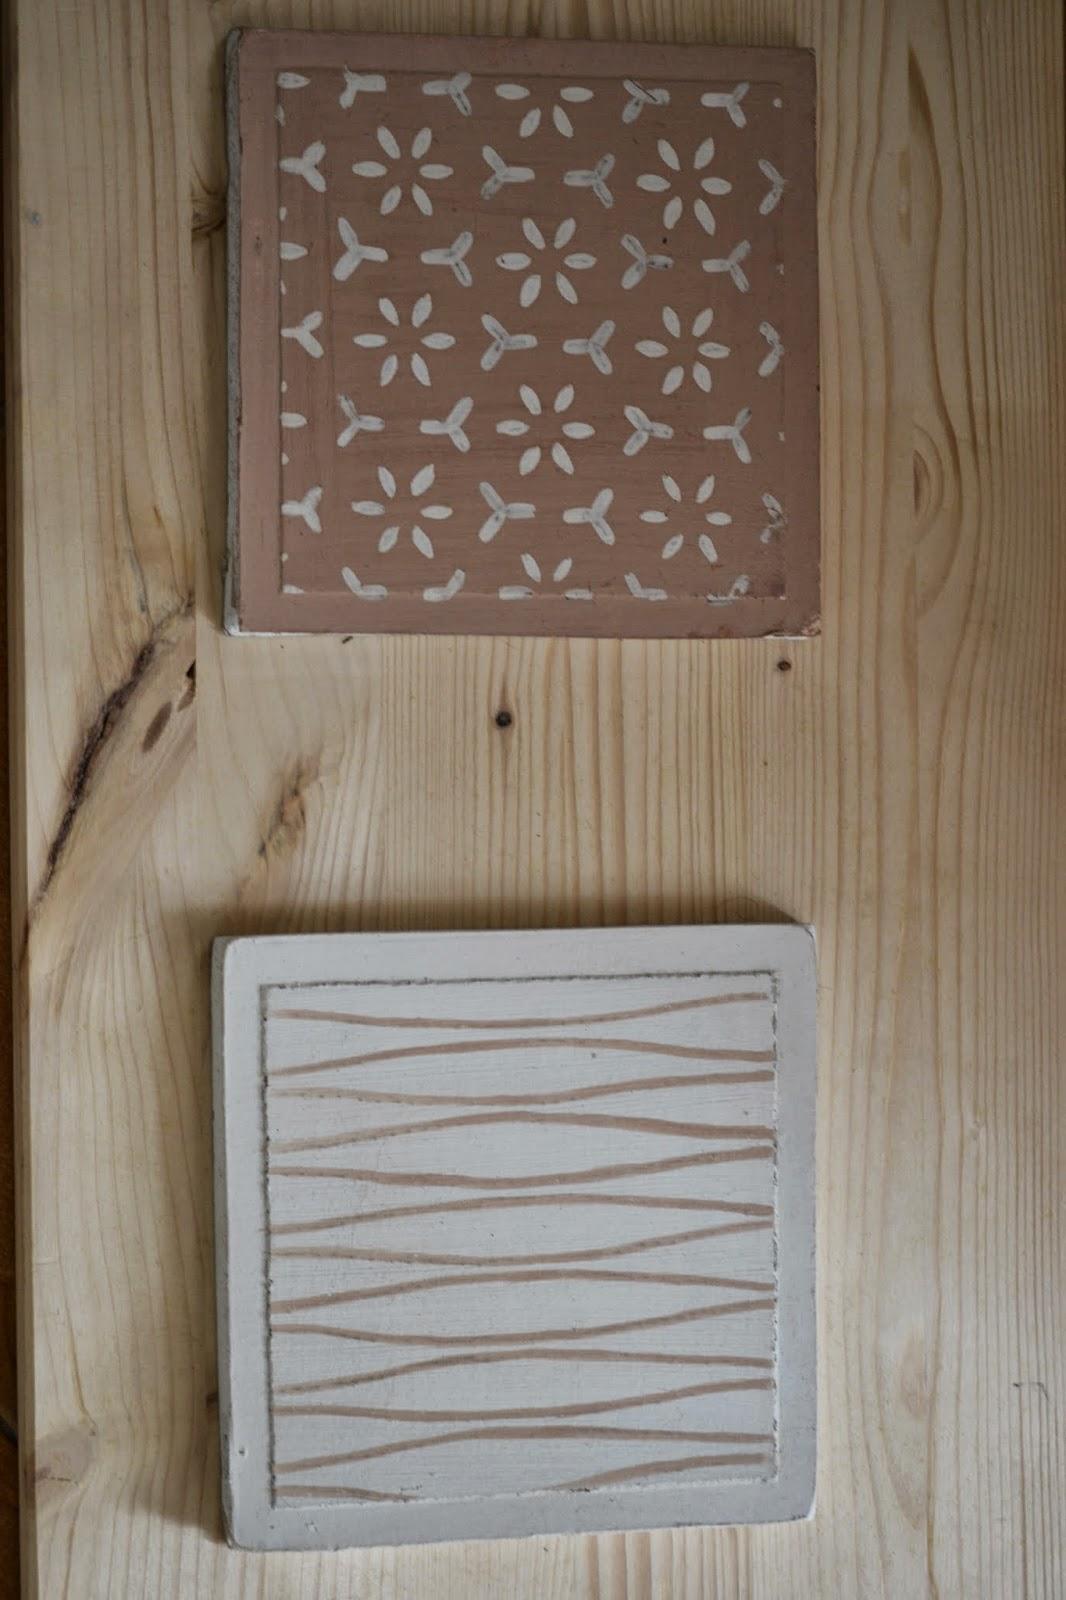 Chiartec campioni di finte tappezzerie eseguite a mano for Tappezzerie murali